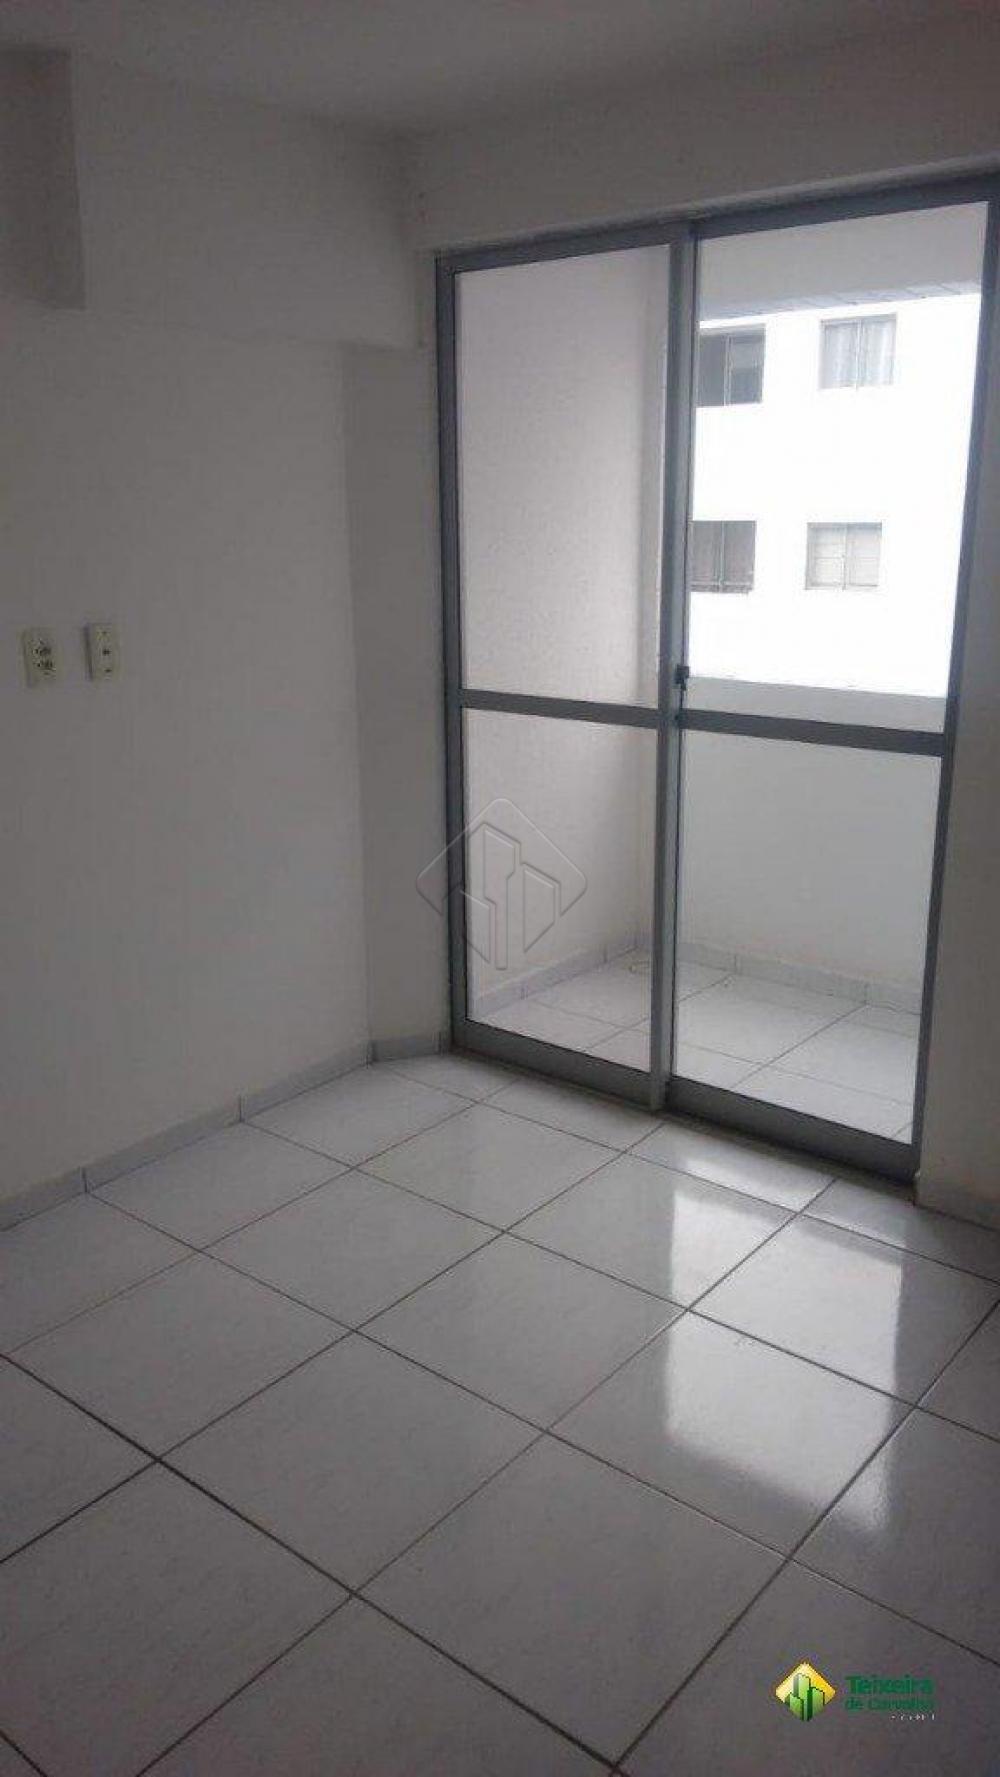 Comprar Apartamento / Padrão em João Pessoa apenas R$ 150.000,00 - Foto 14